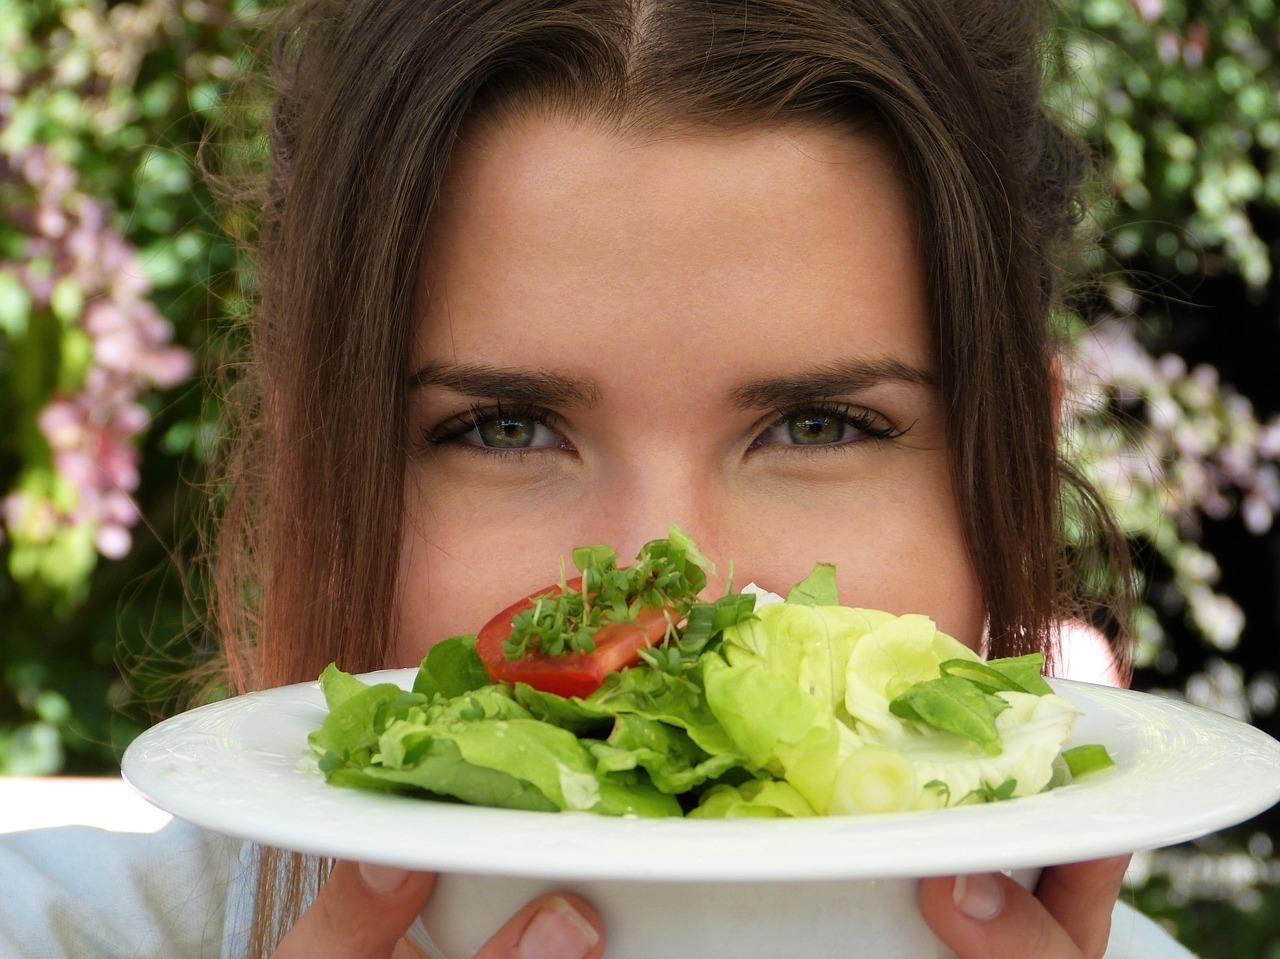 salad-3921790_1280.jpg